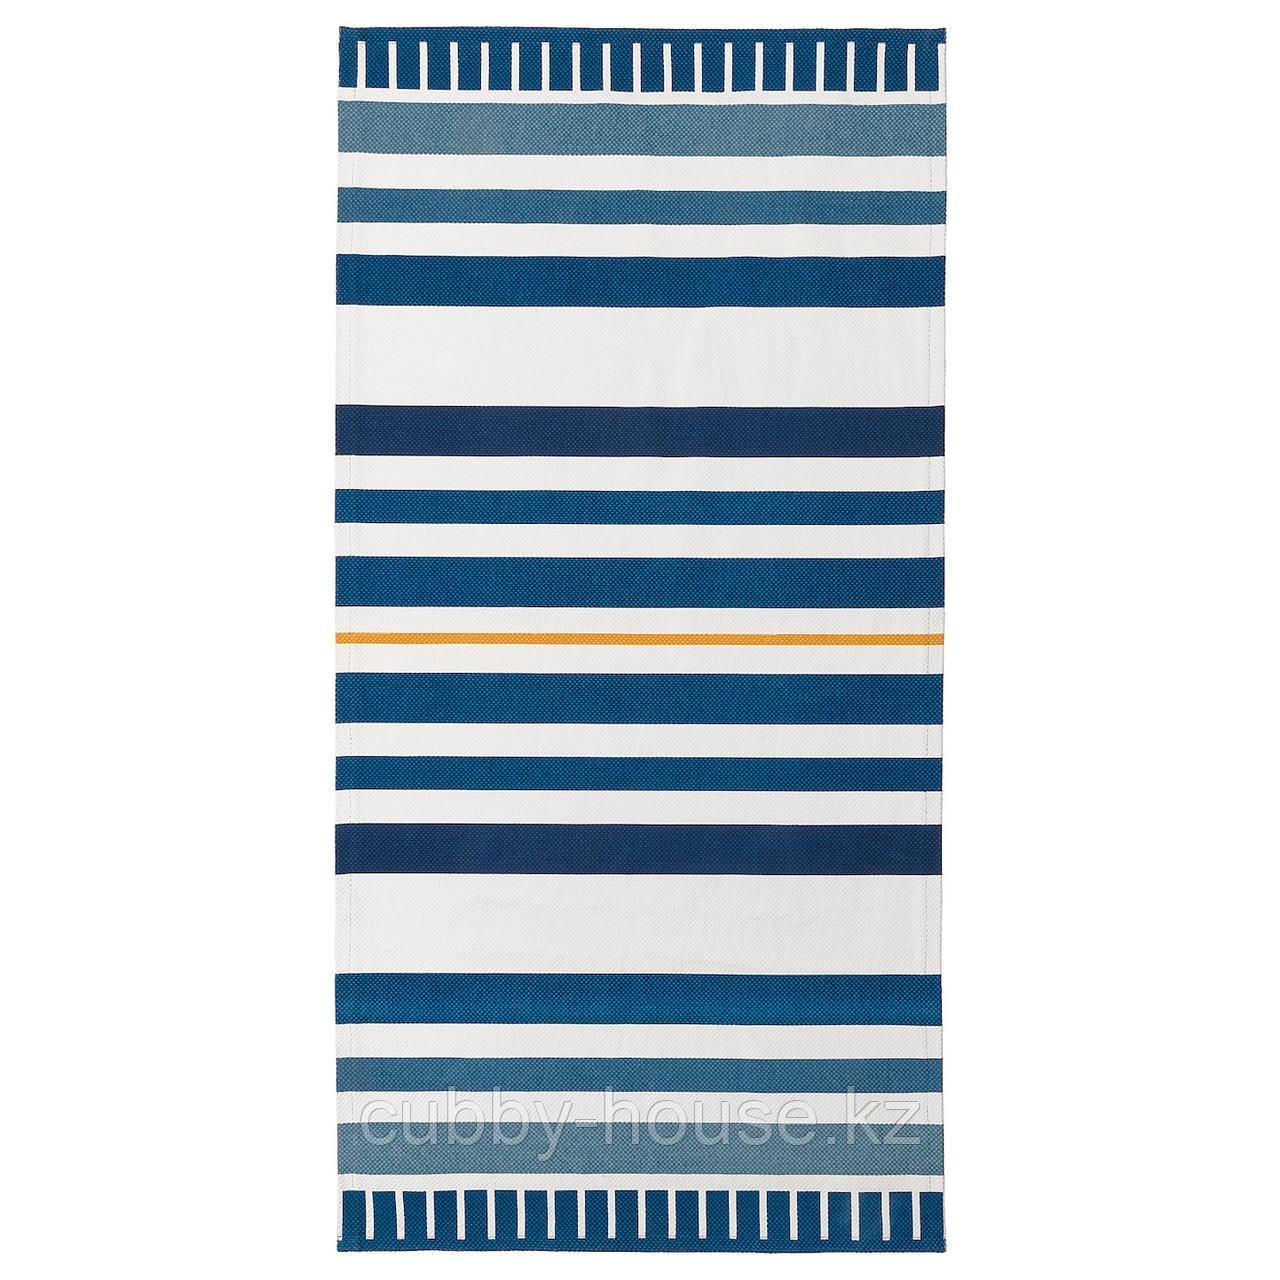 СОНГЛЭРКА Ковер безворсовый, темно-синий, 80x160 см